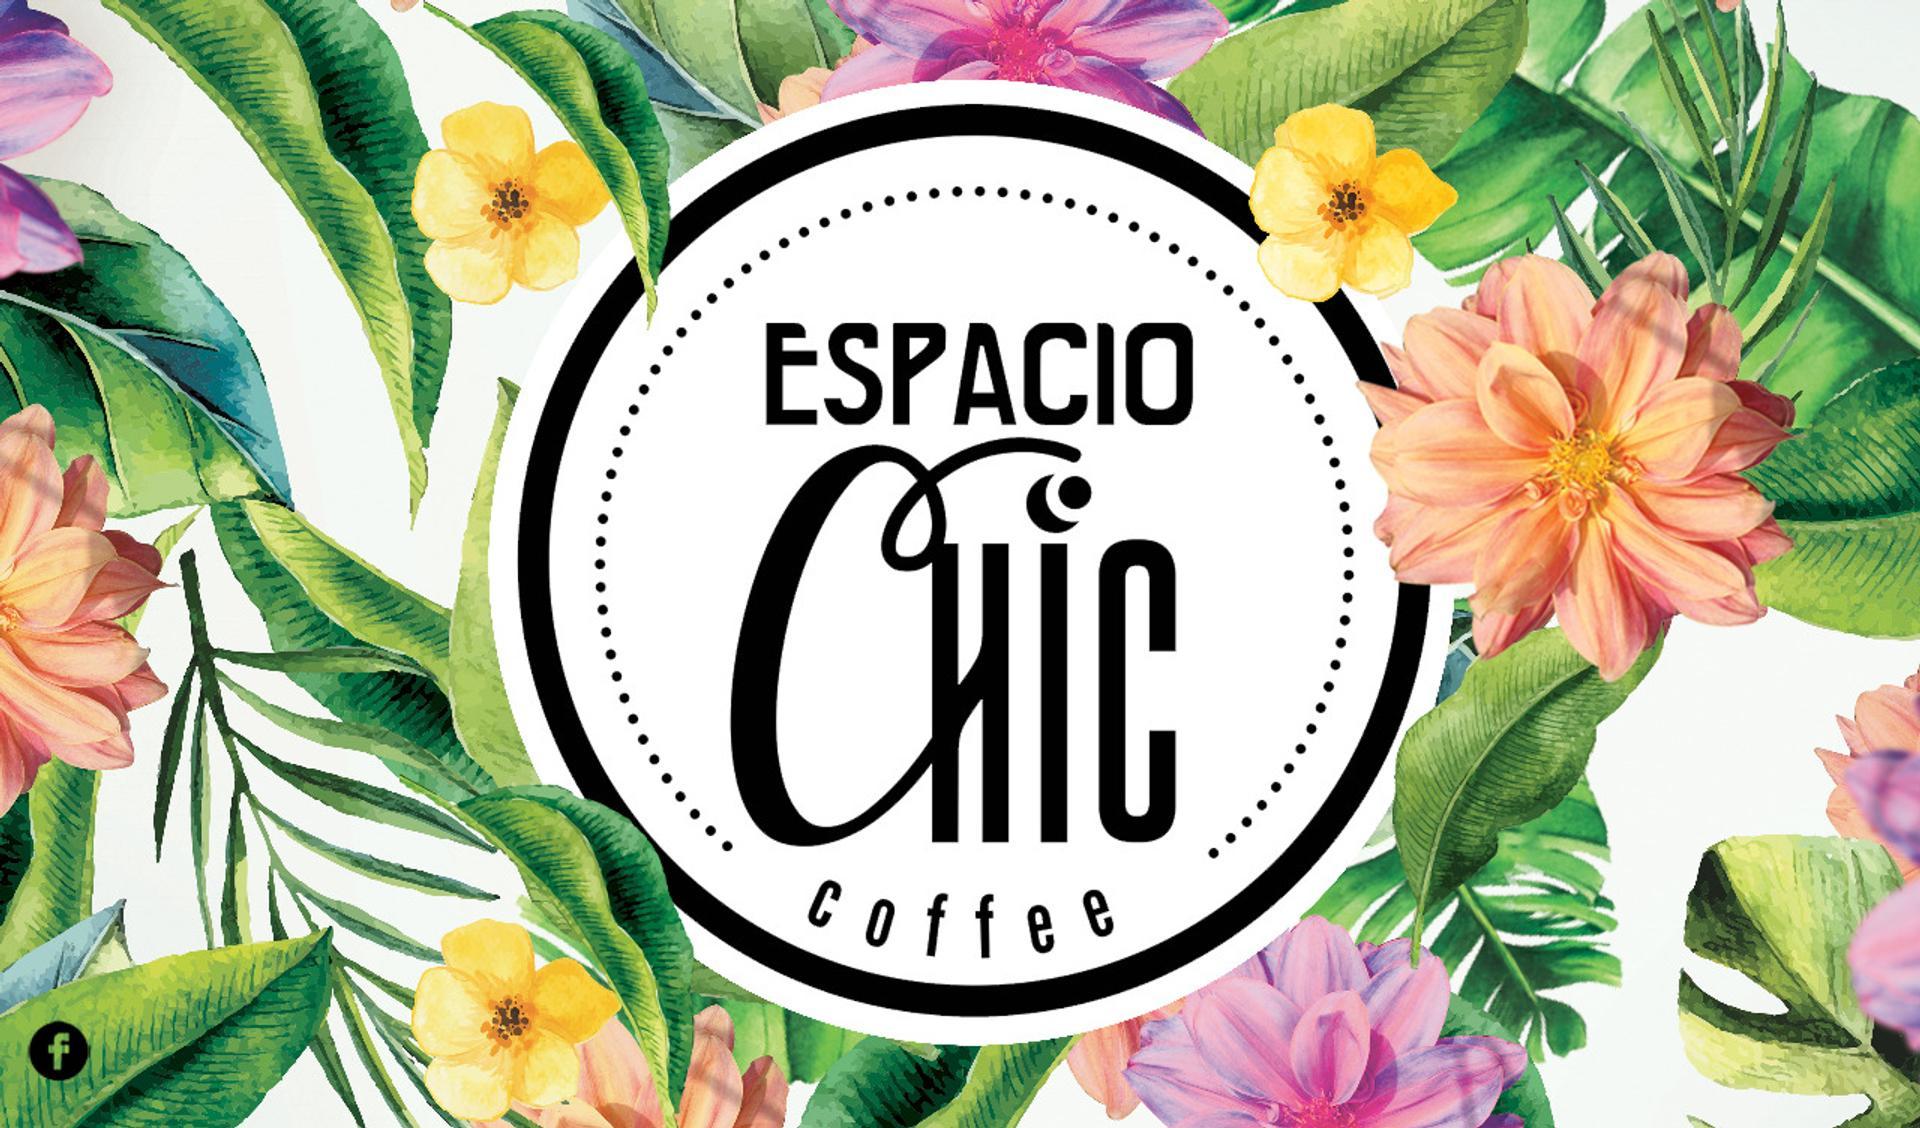 Espacio Chic Coffe & Beer